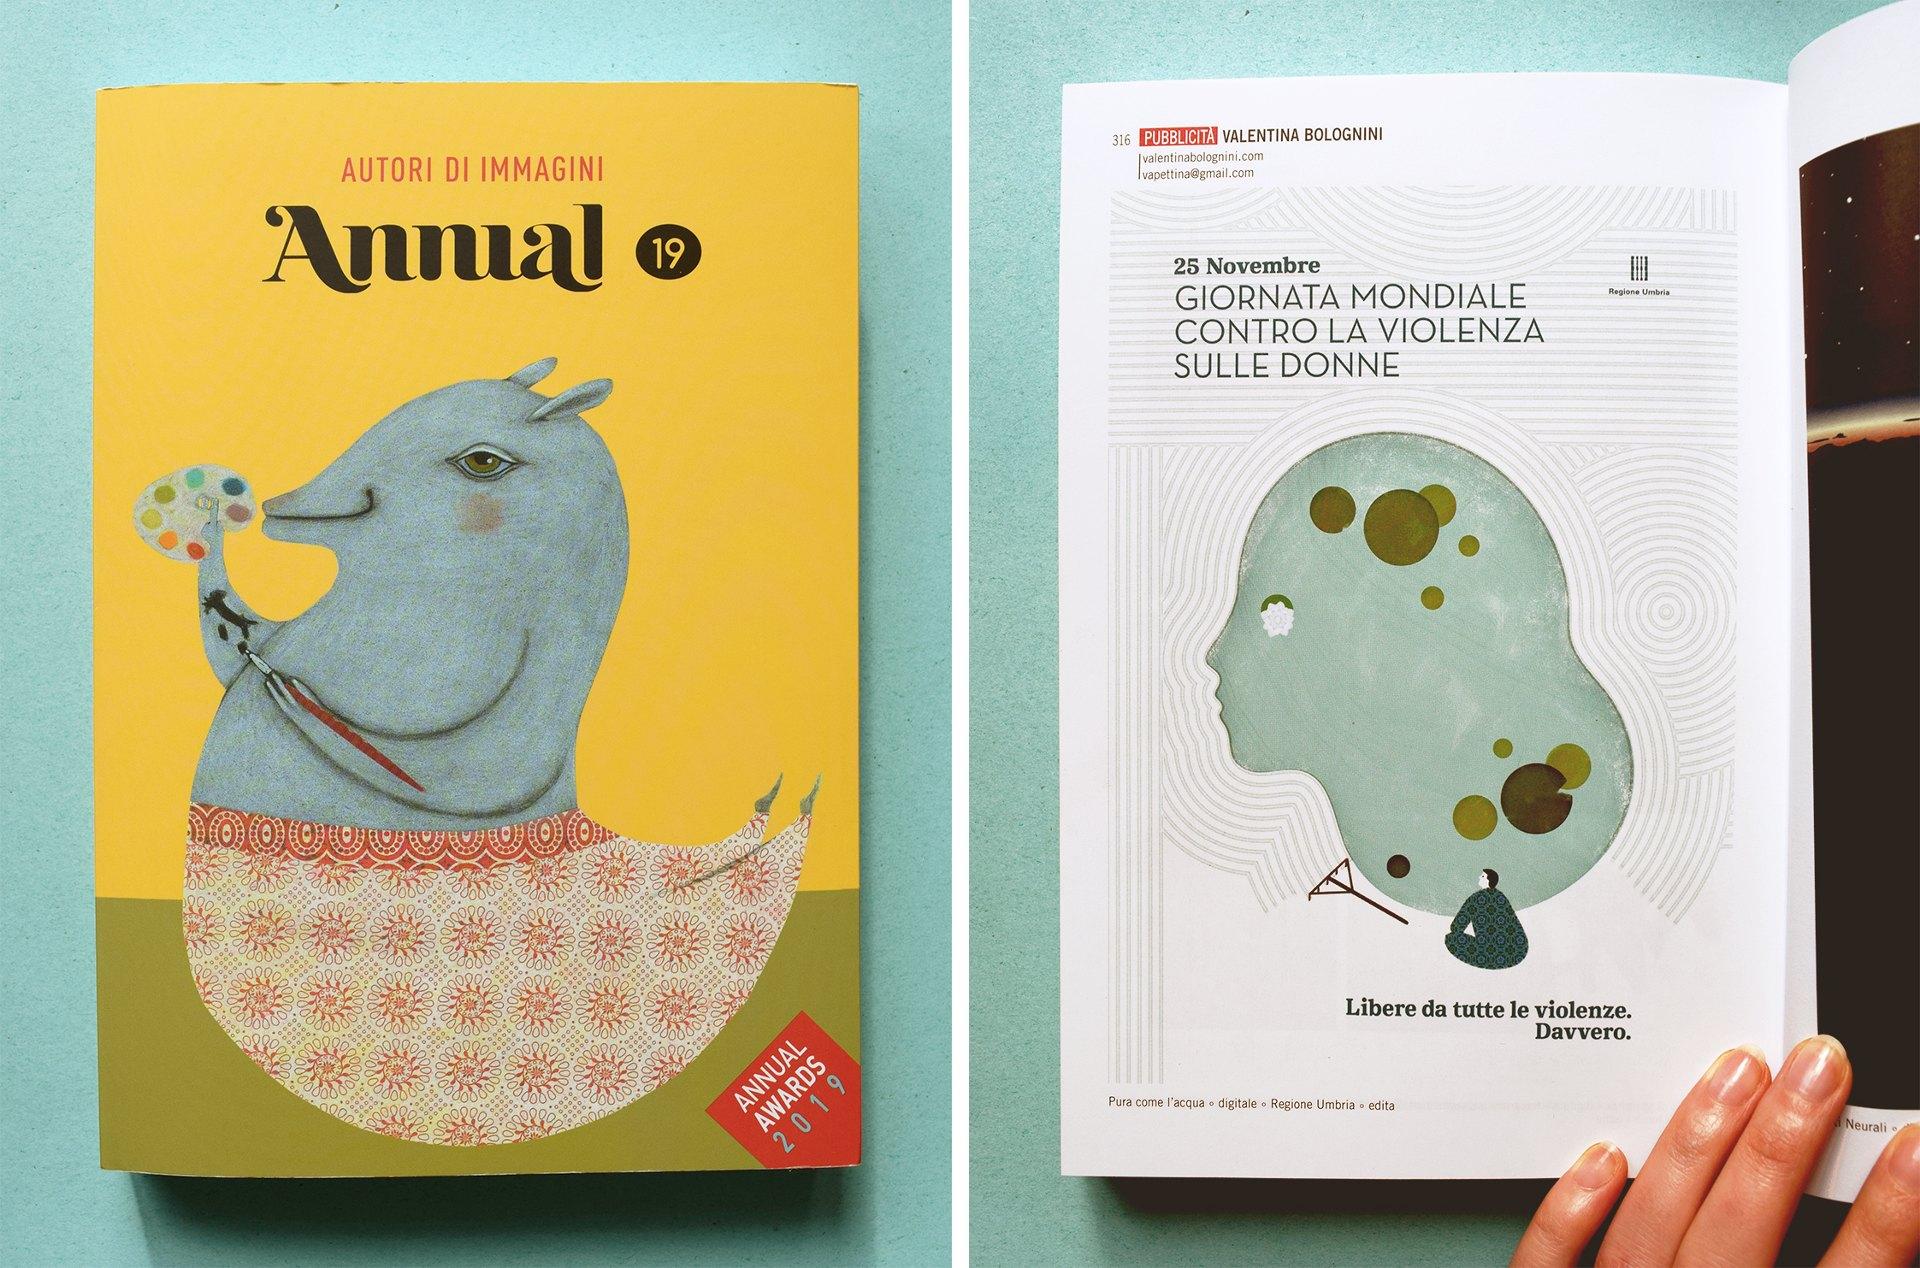 Annual 2019 - Autori di Immagini Valentina Bolognini